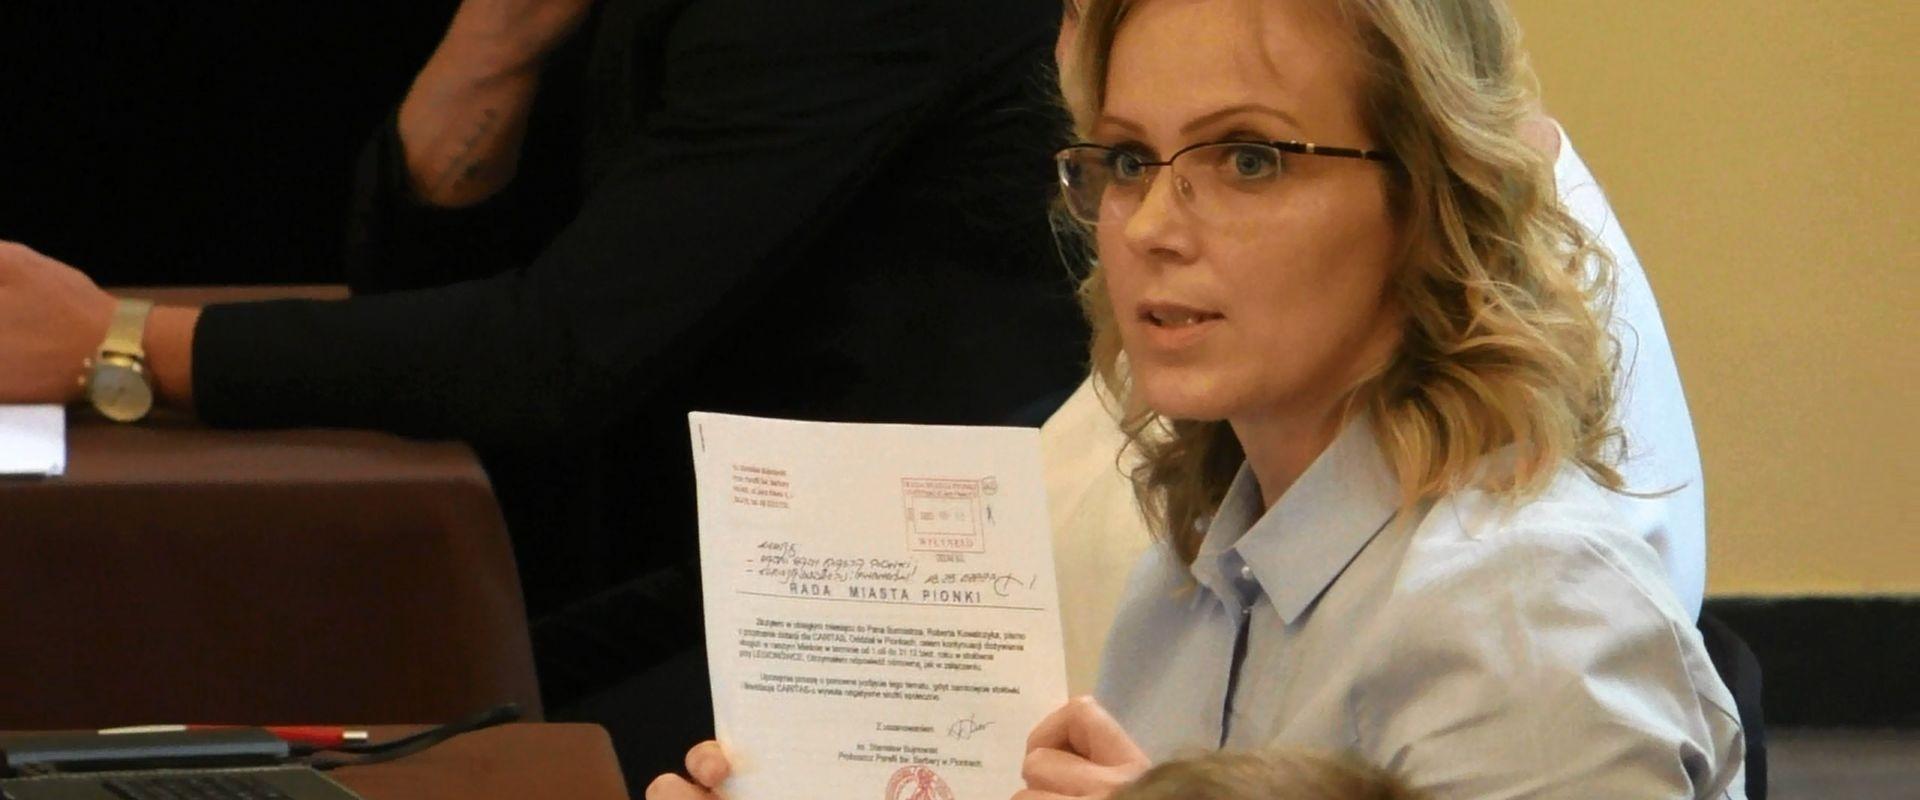 Radna Grzywacz pyta jak burmistrz rozwiązał sprawę księdza